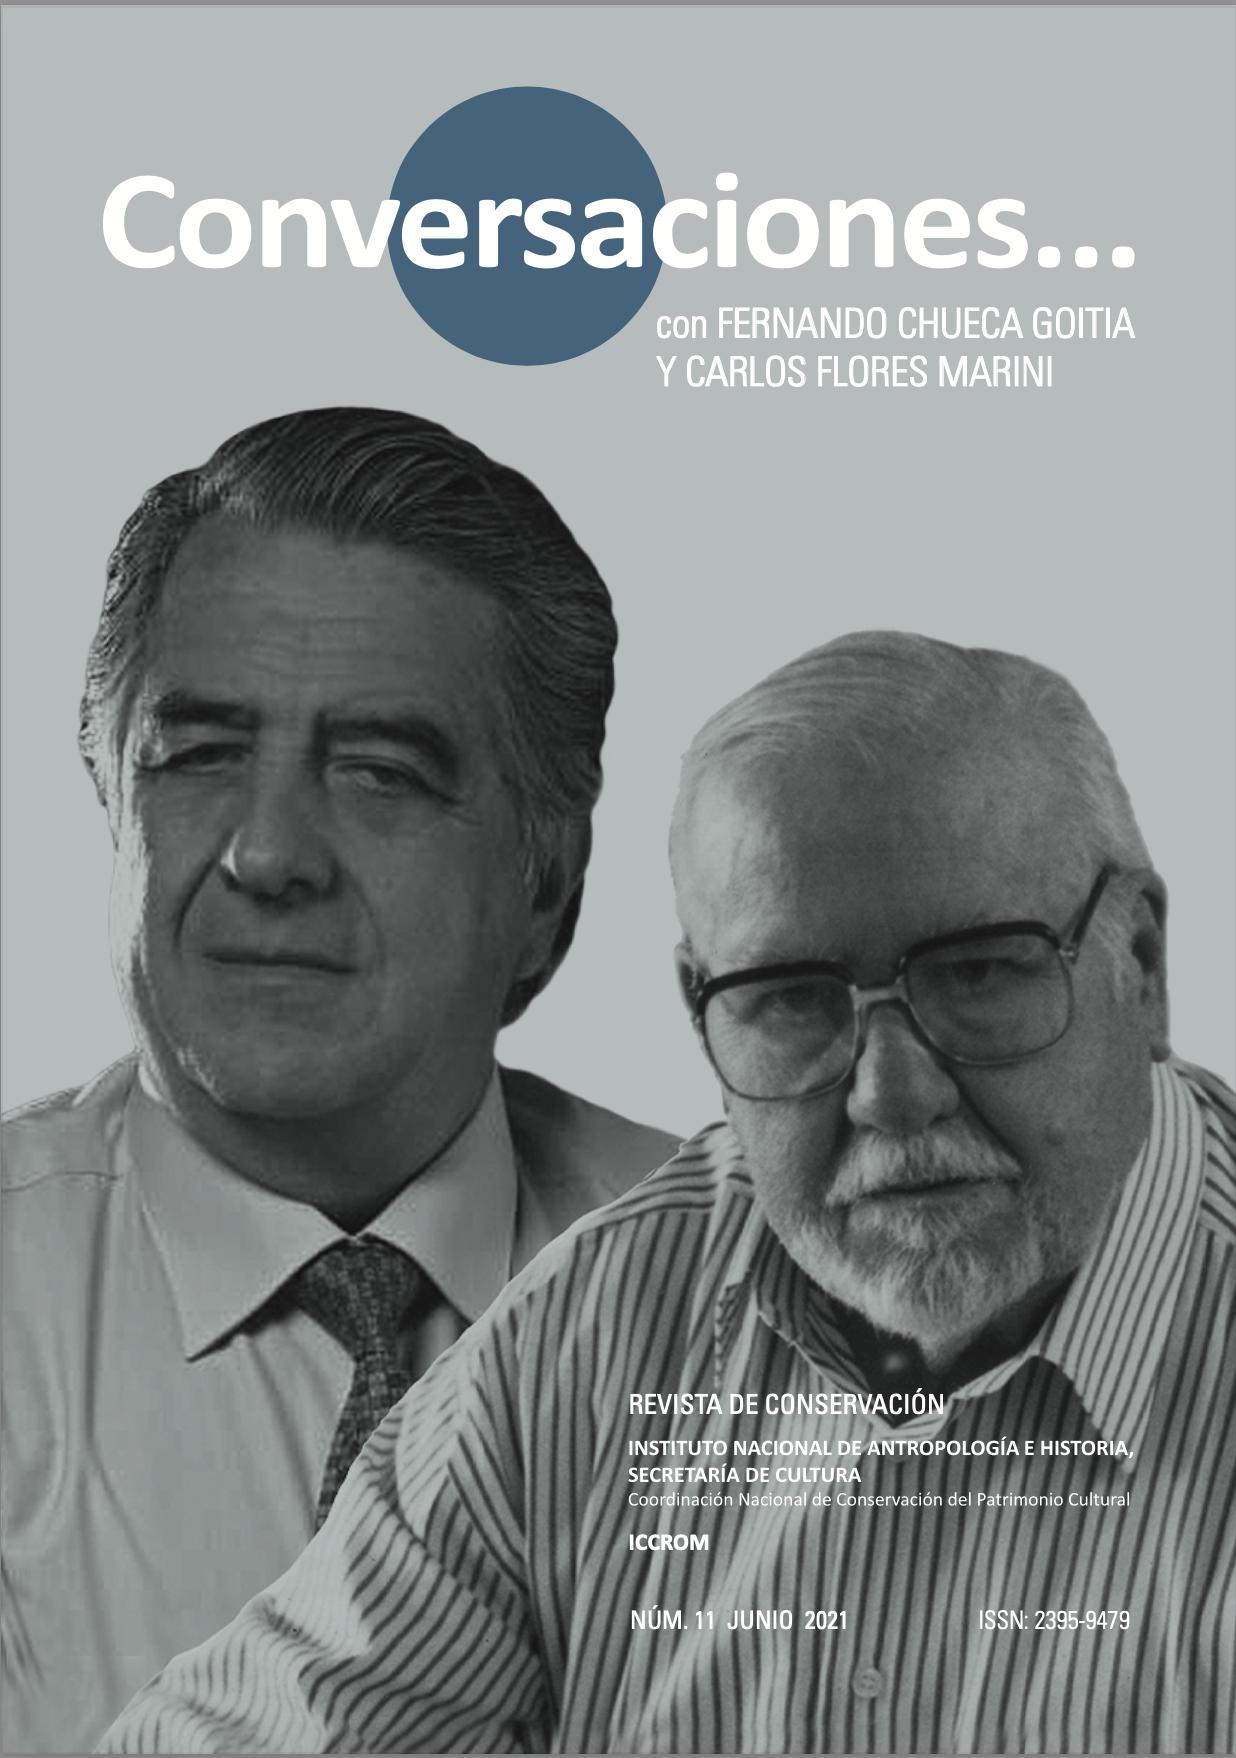 Conversaciones... con Nicholas Stanley Price